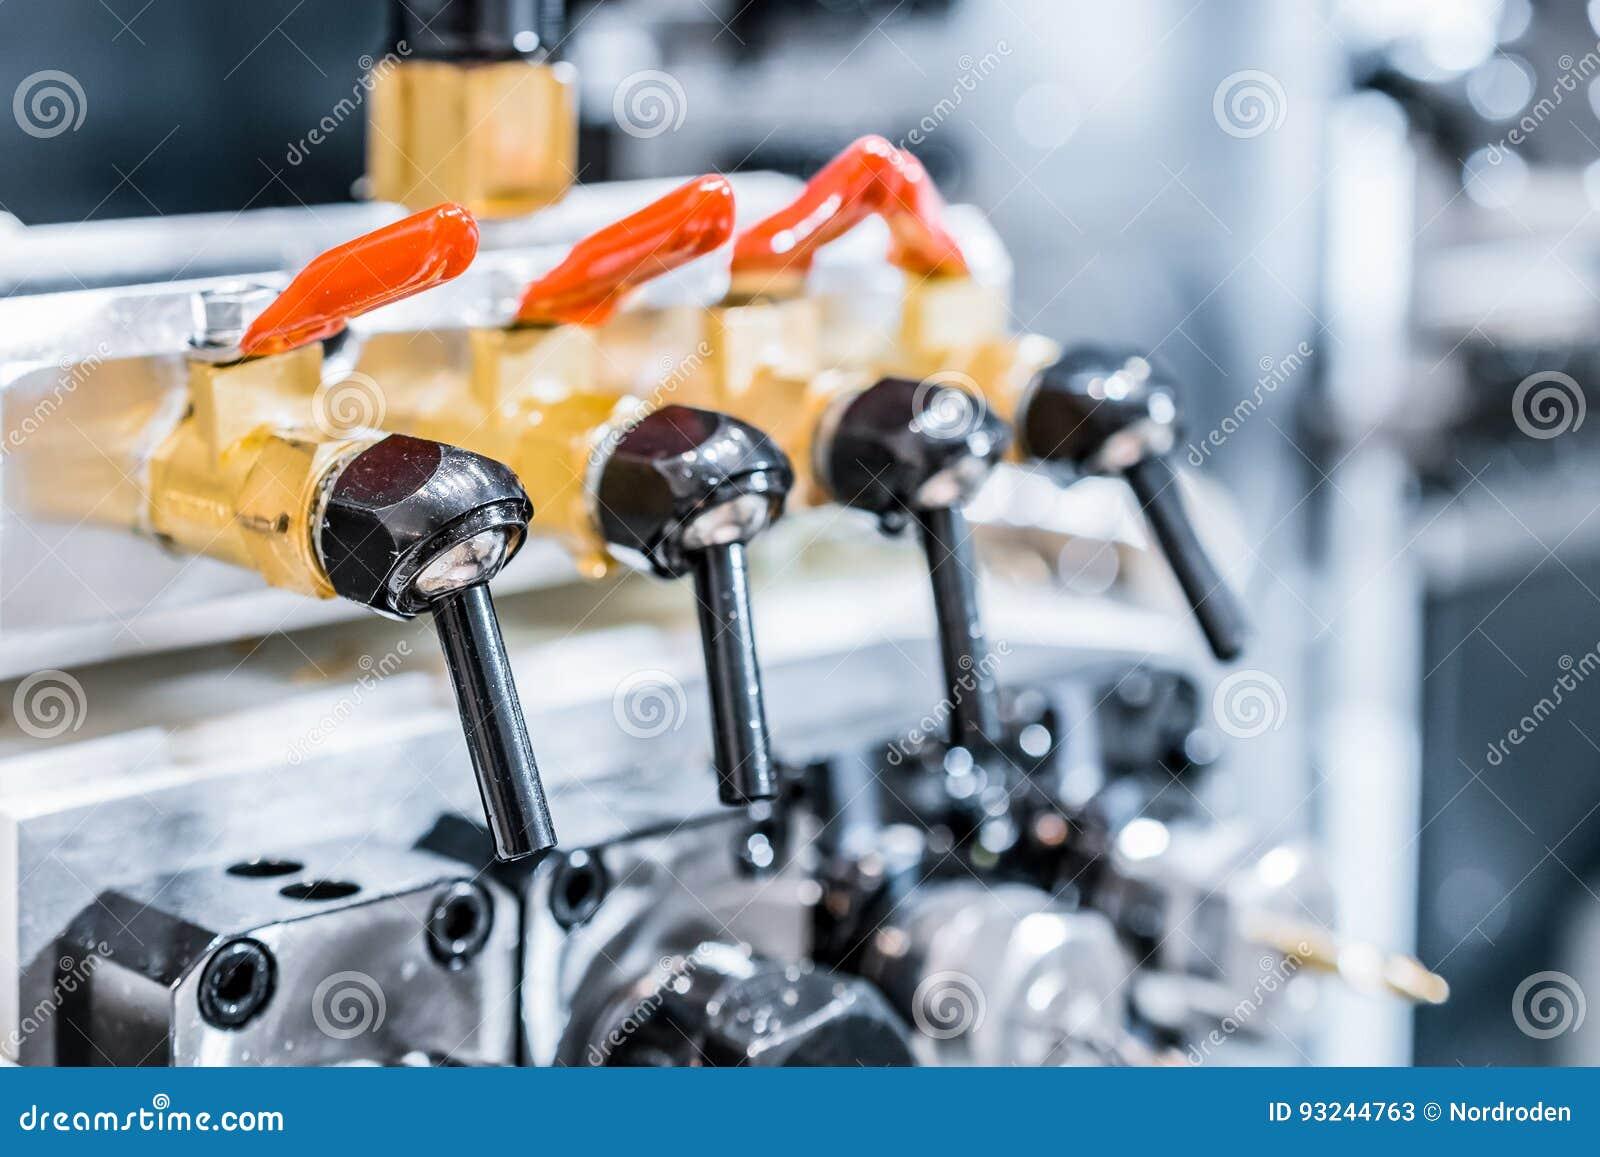 Kranen en apparaten om koelmiddel aan het scherpe hulpmiddel te leveren